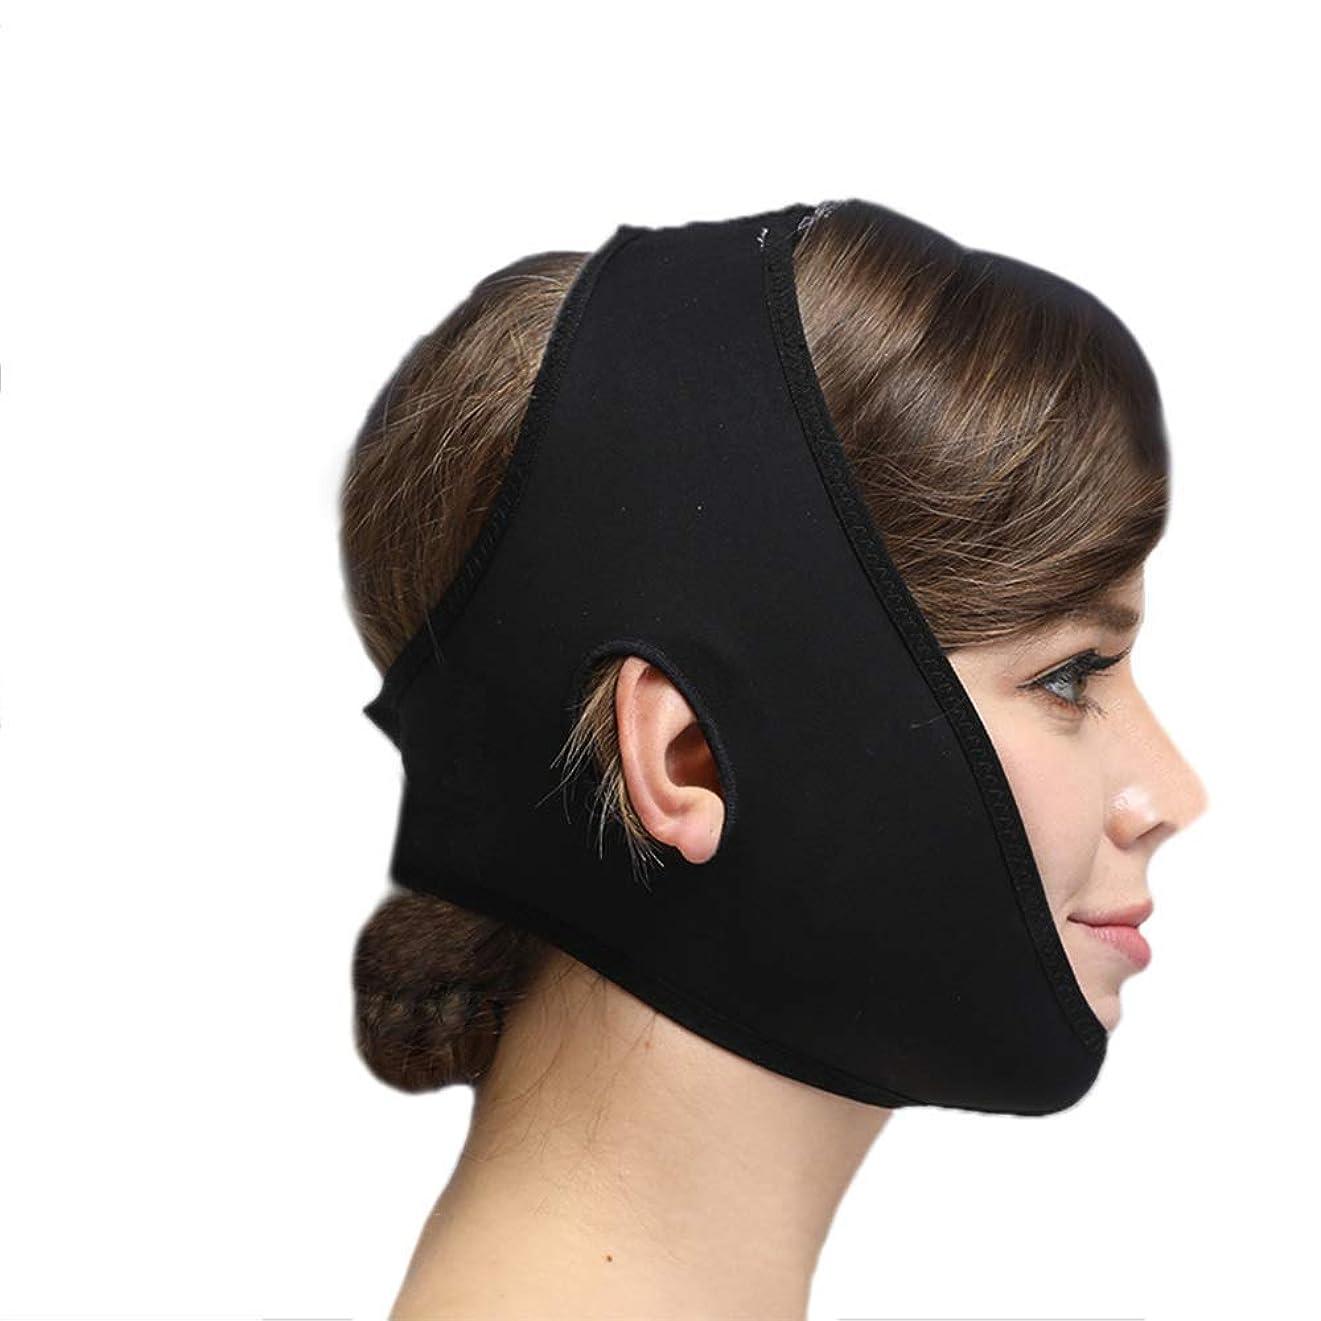 忌まわしい脳ガードフェイススリミングマスク、快適さと通気性、フェイシャルリフティング、輪郭の改善された硬さ、ファーミングとリフティングフェイス(カラー:ブラック、サイズ:XL),ブラック2、M